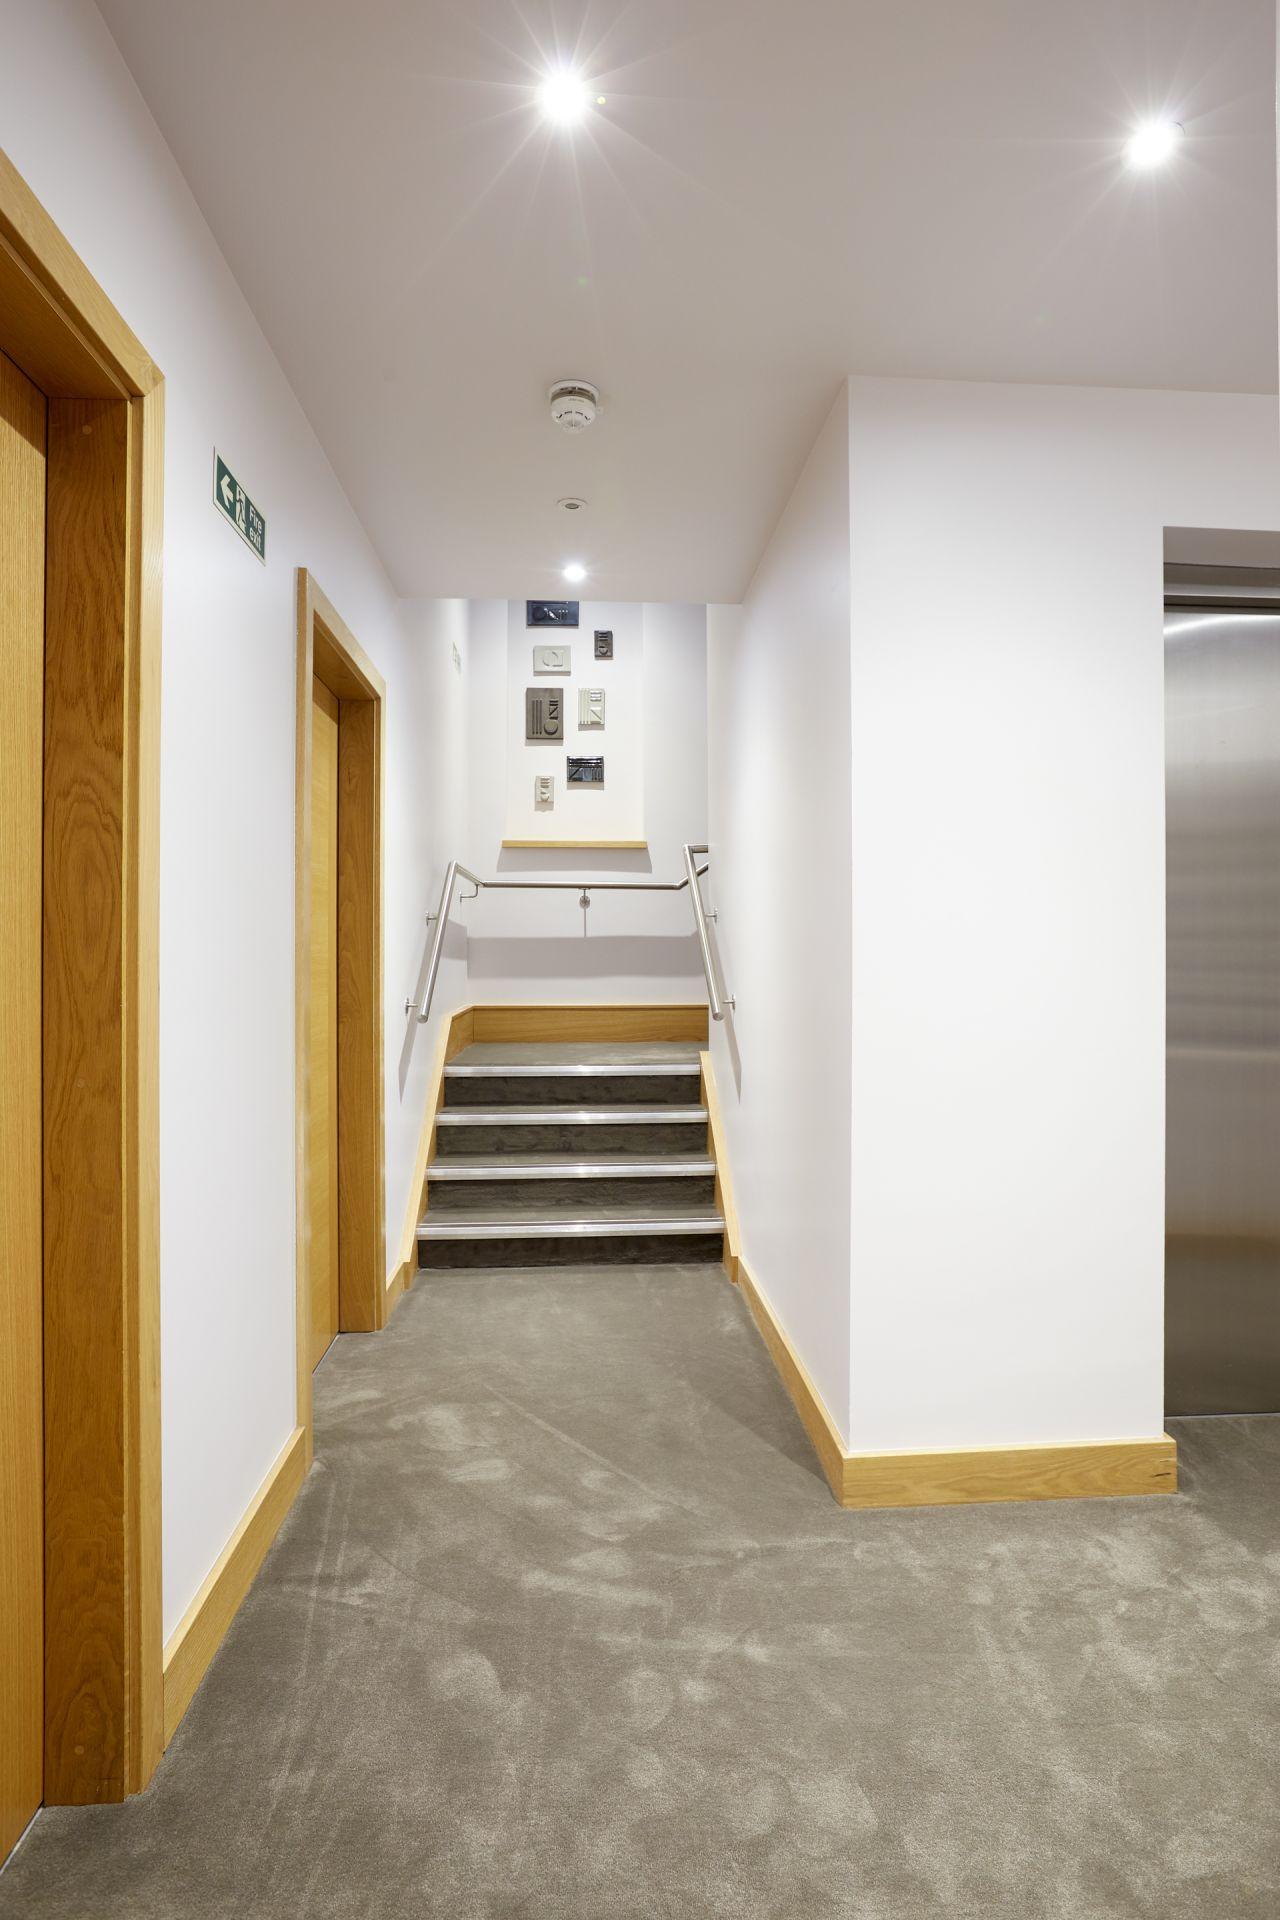 Sonder | Edgware Road Hotel | Pristine Room - Neighborhood